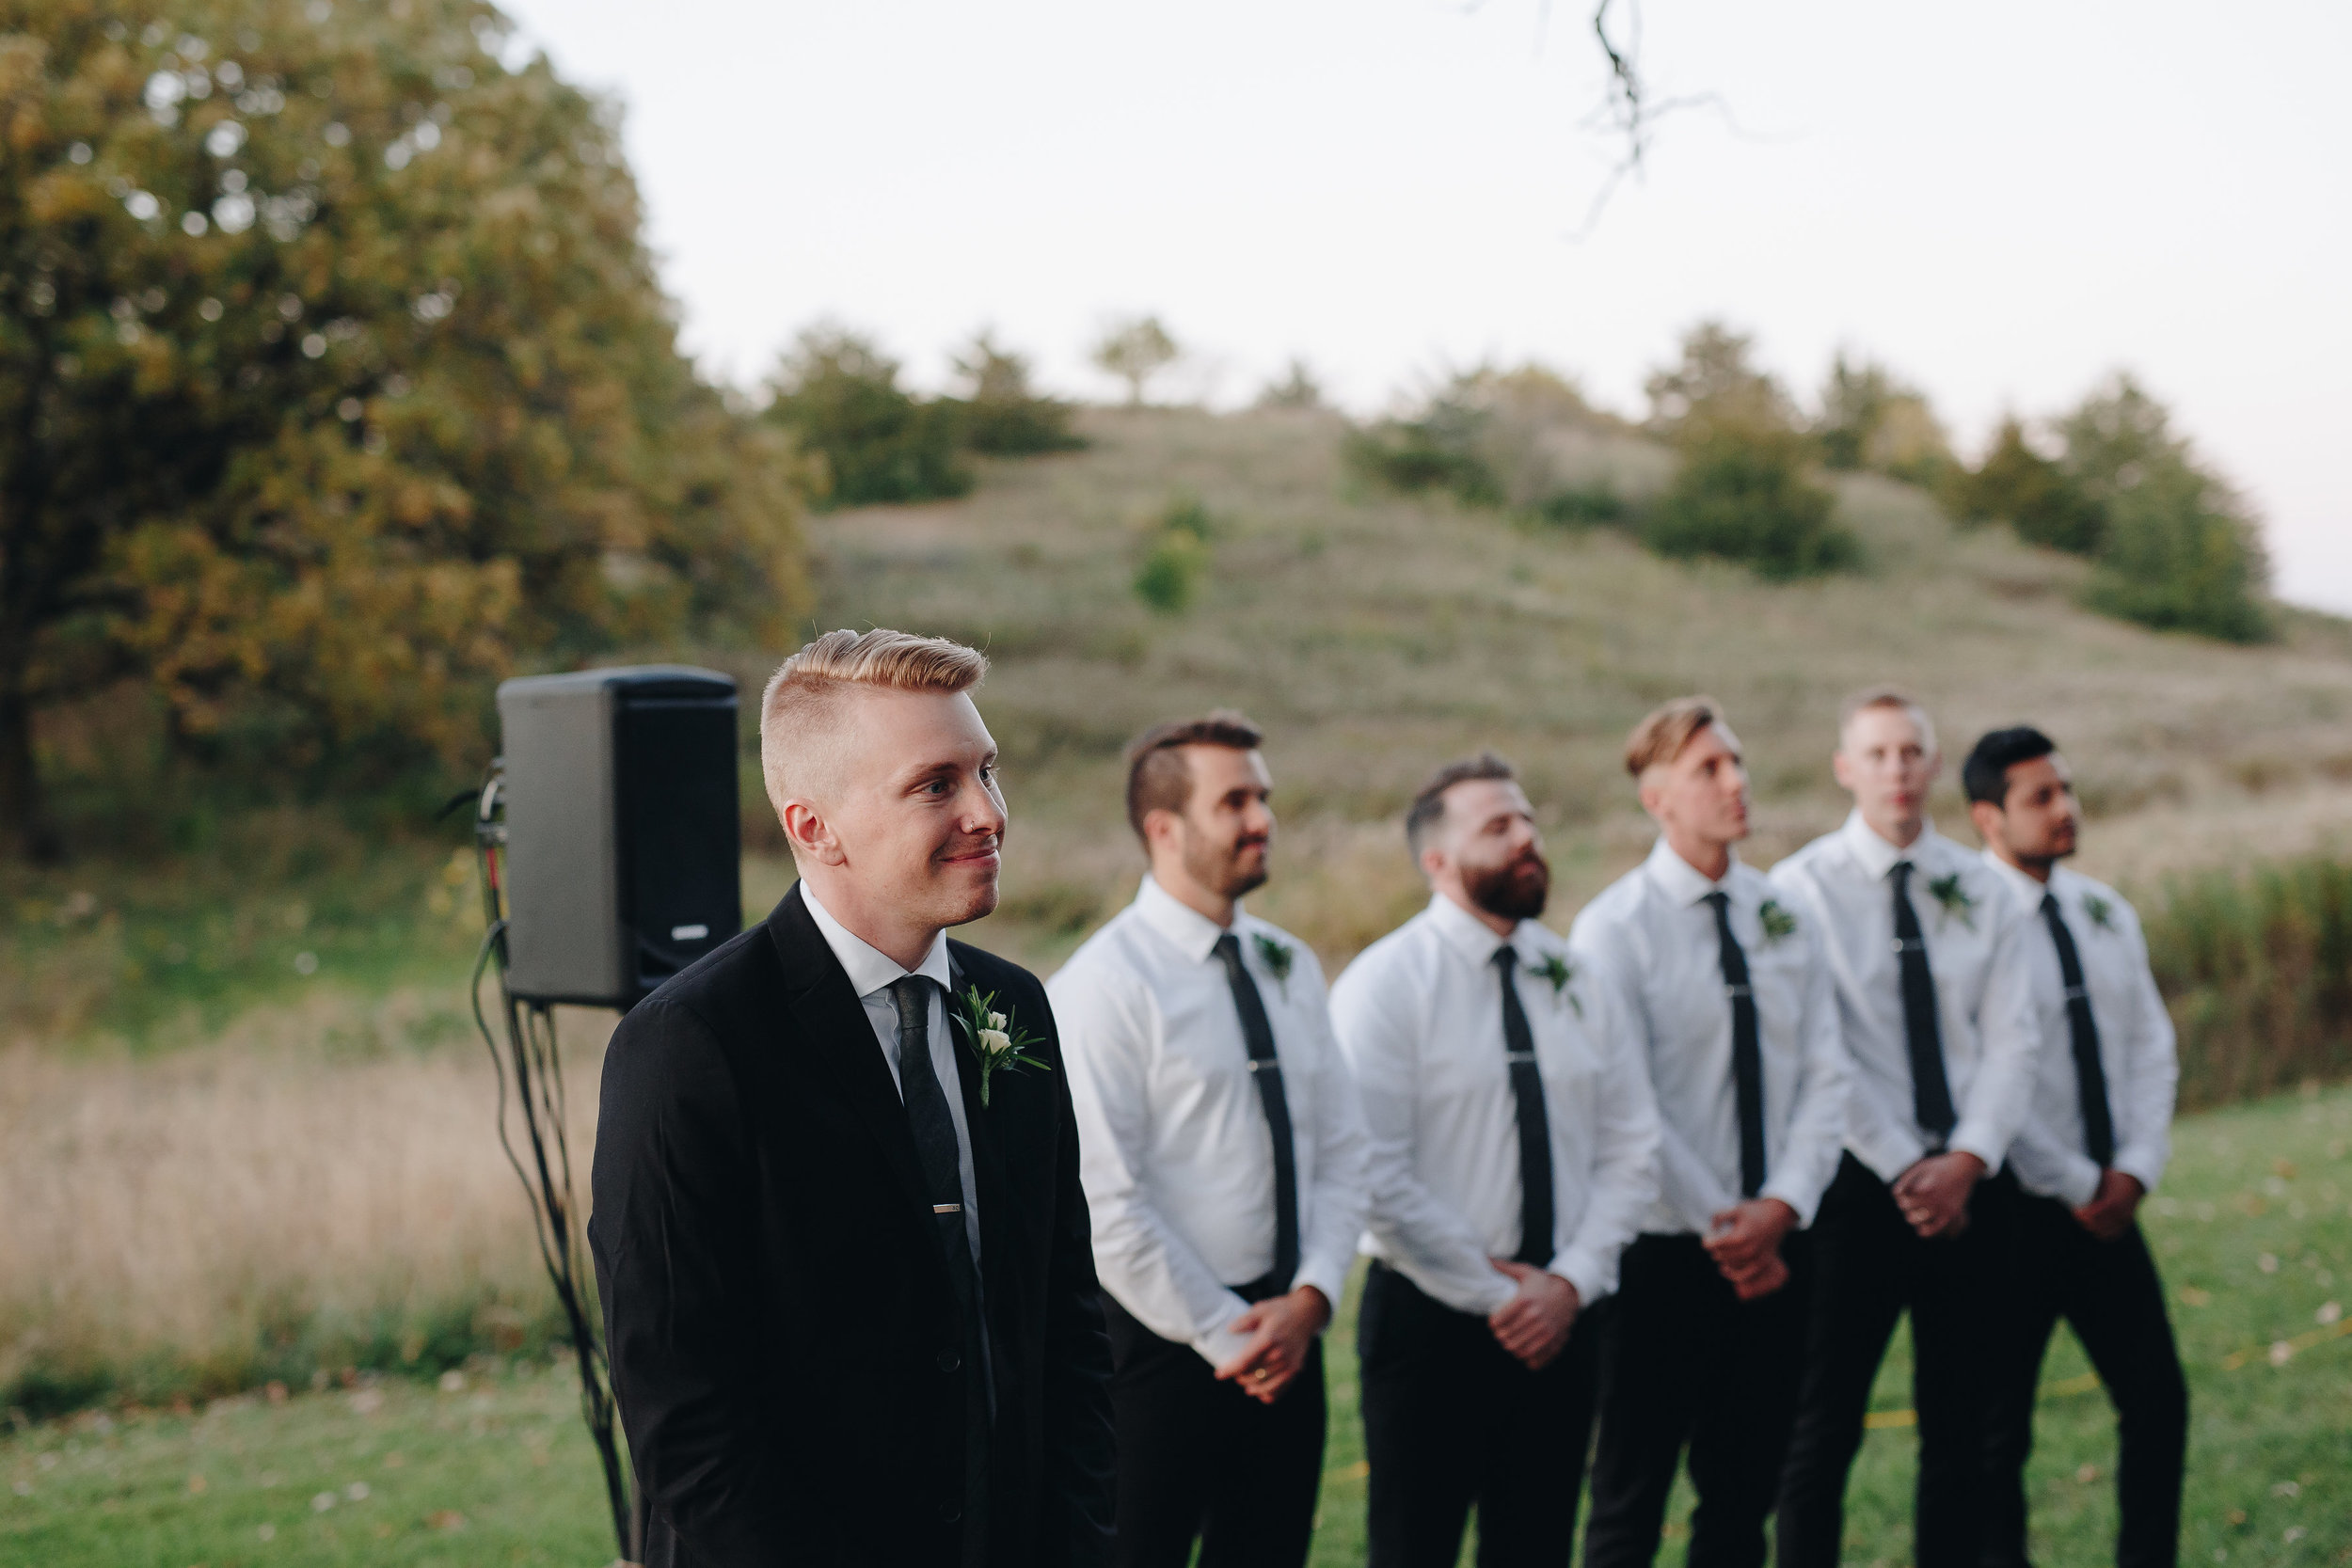 Groom and his groomsmen watch bride walk down the aisle